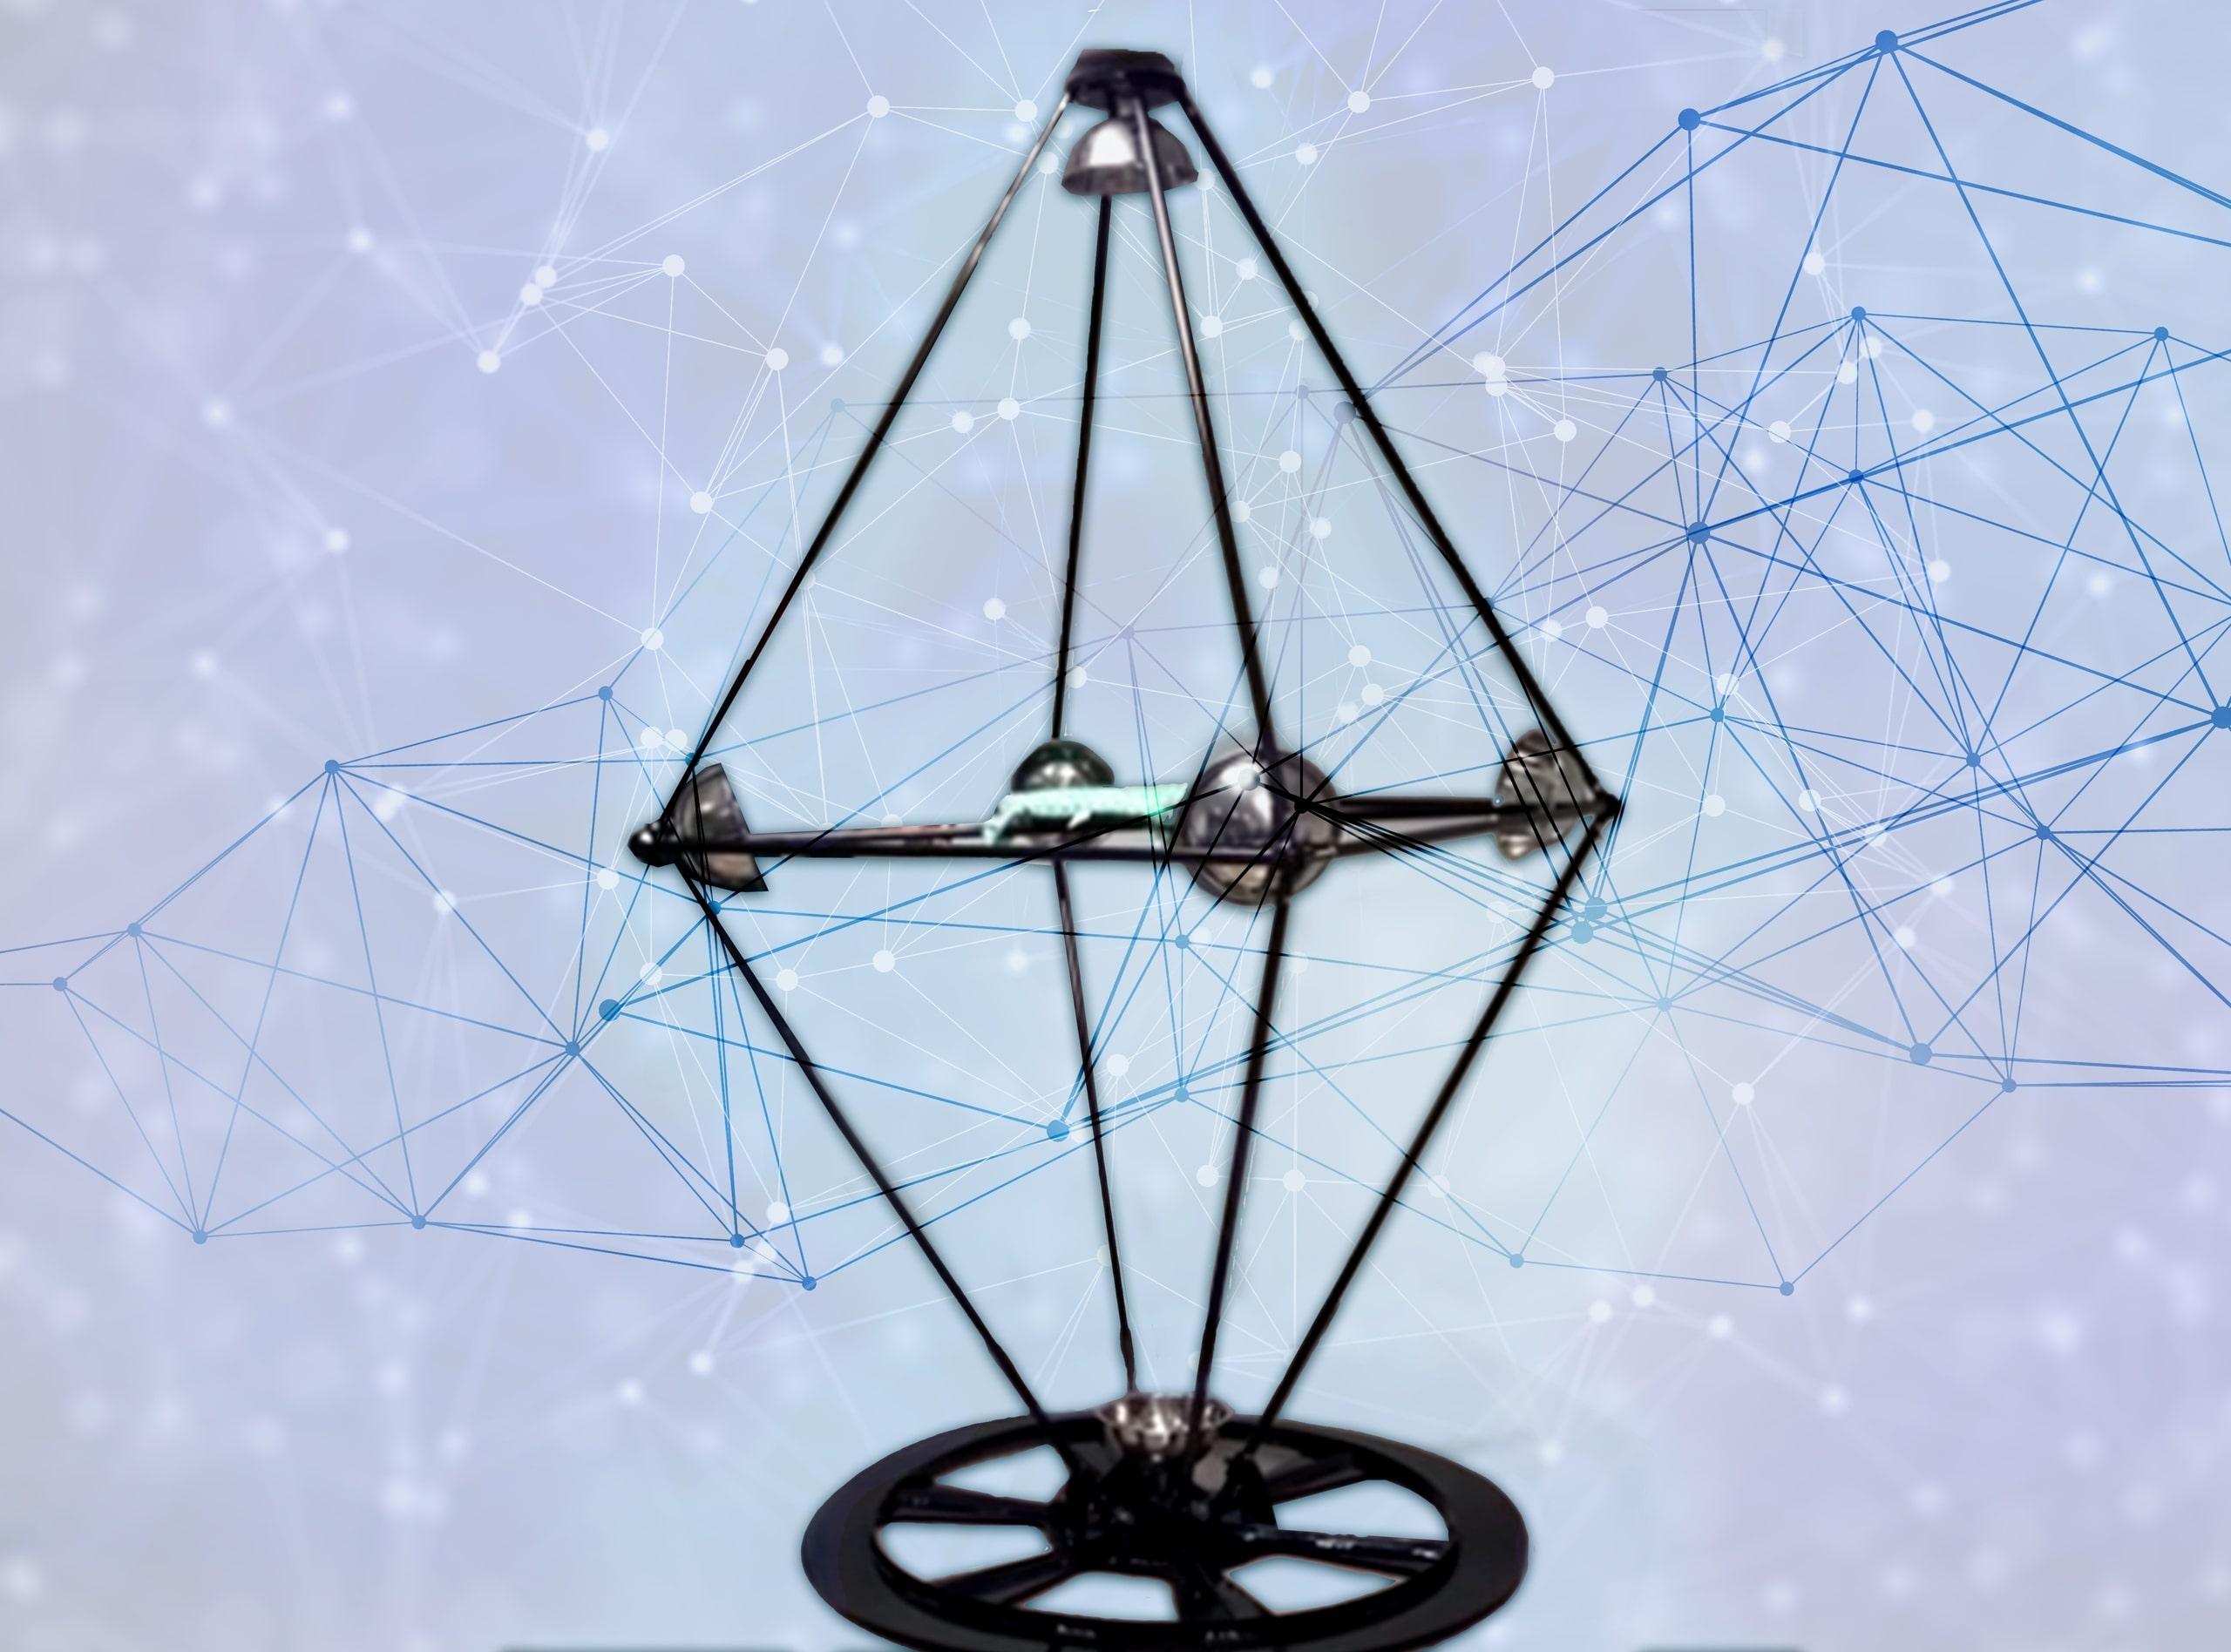 Структурно-пространственный преобразователь